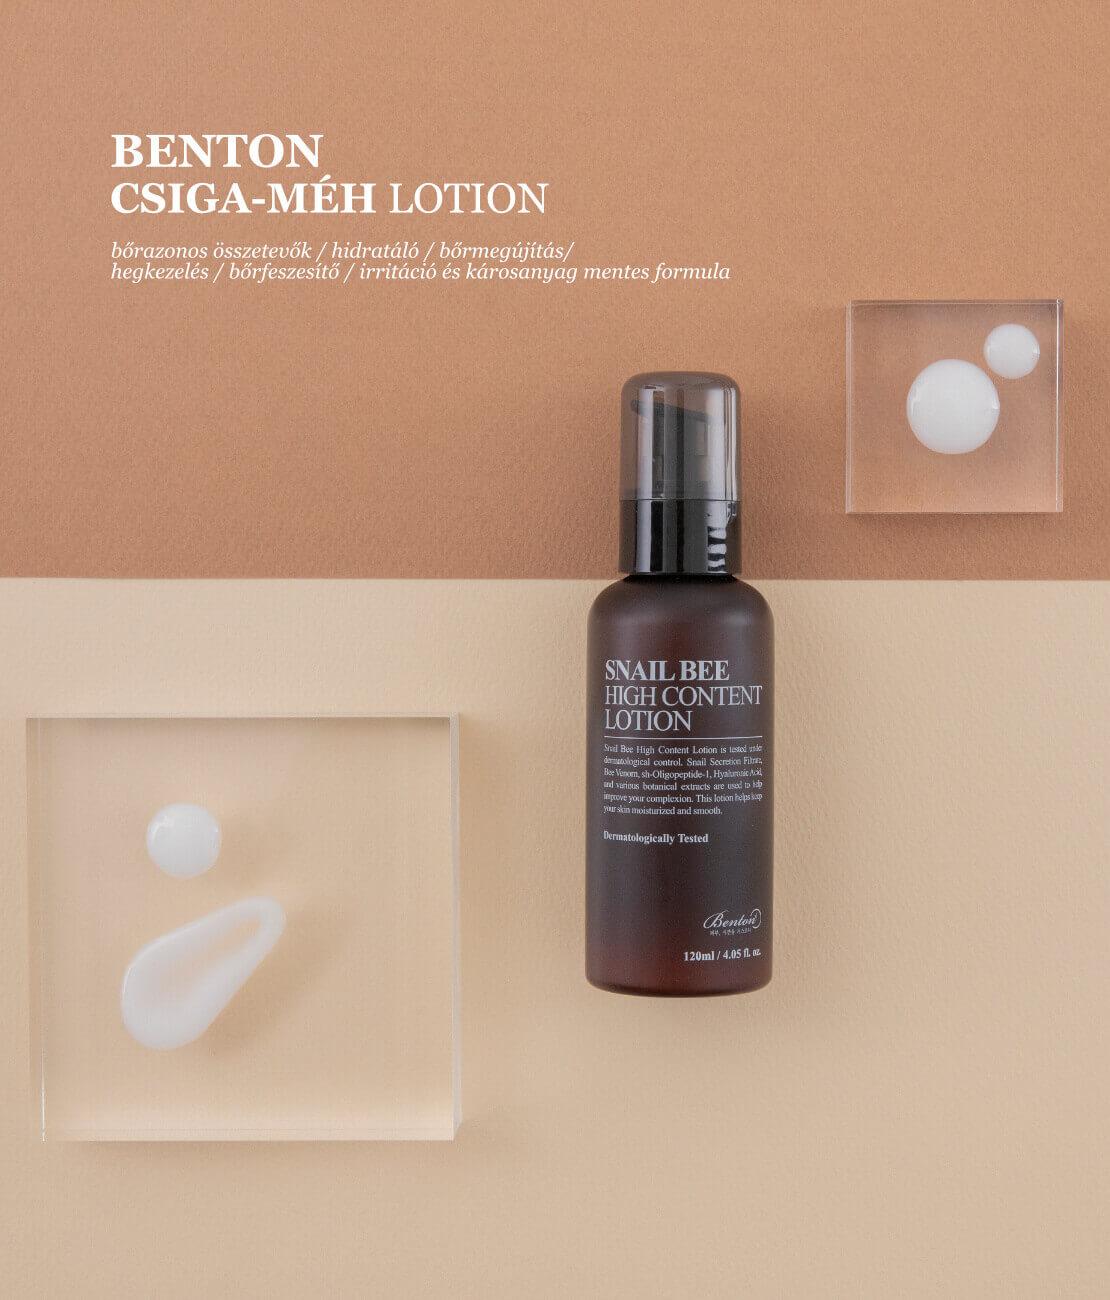 Benton-csiga-meh-lotion-leiras-snail-bee